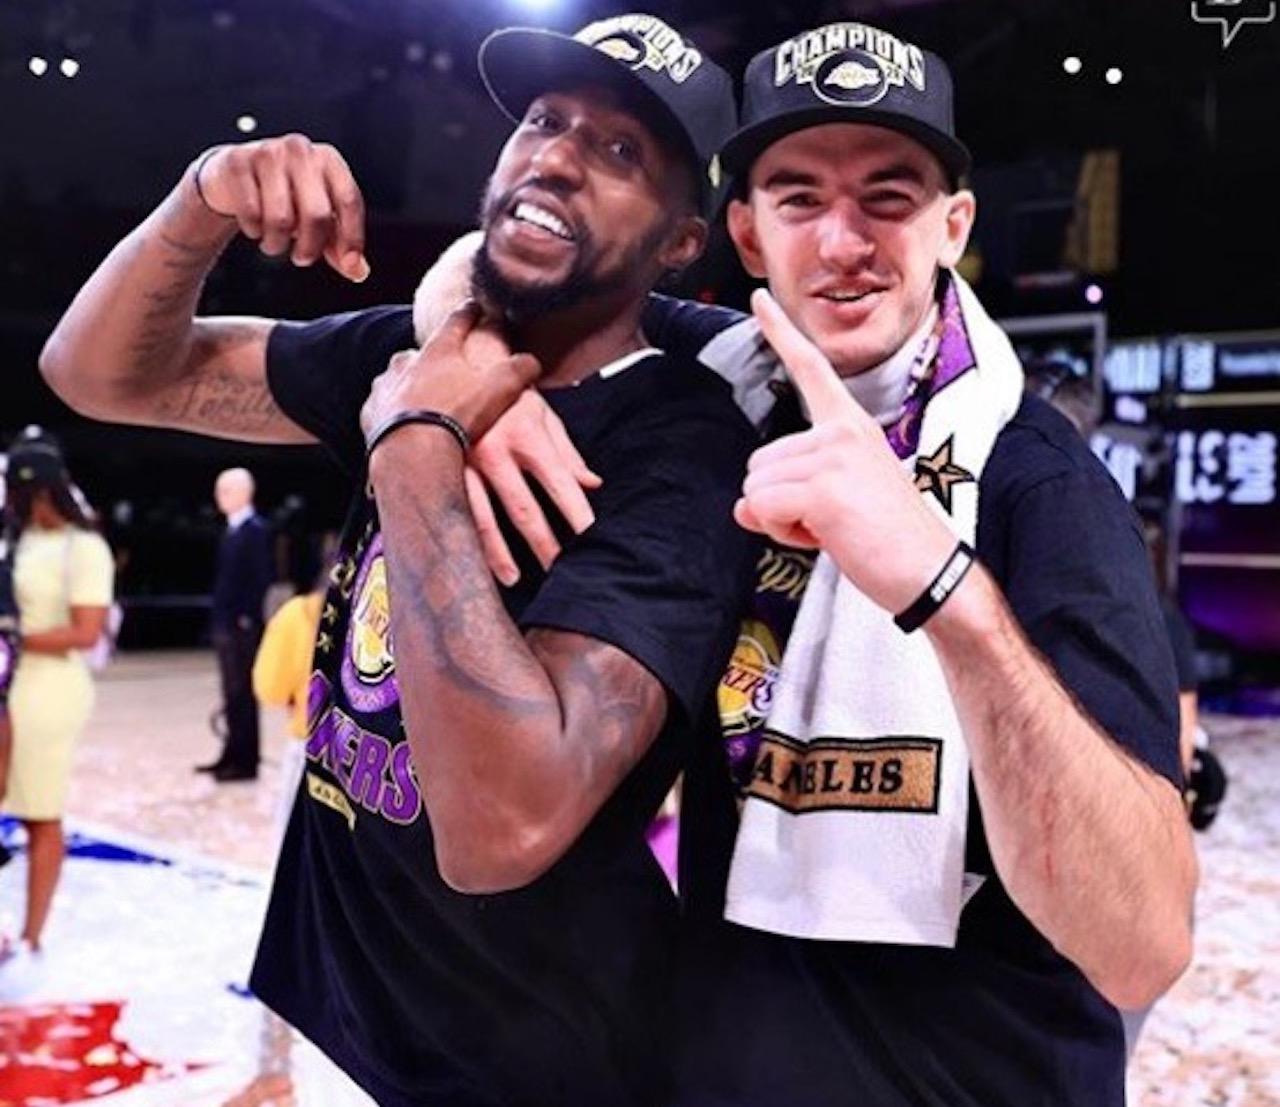 16場+4輪系列賽,一人頂一隊,誰都想得到你,老詹有你真幸福!-黑特籃球-NBA新聞影音圖片分享社區